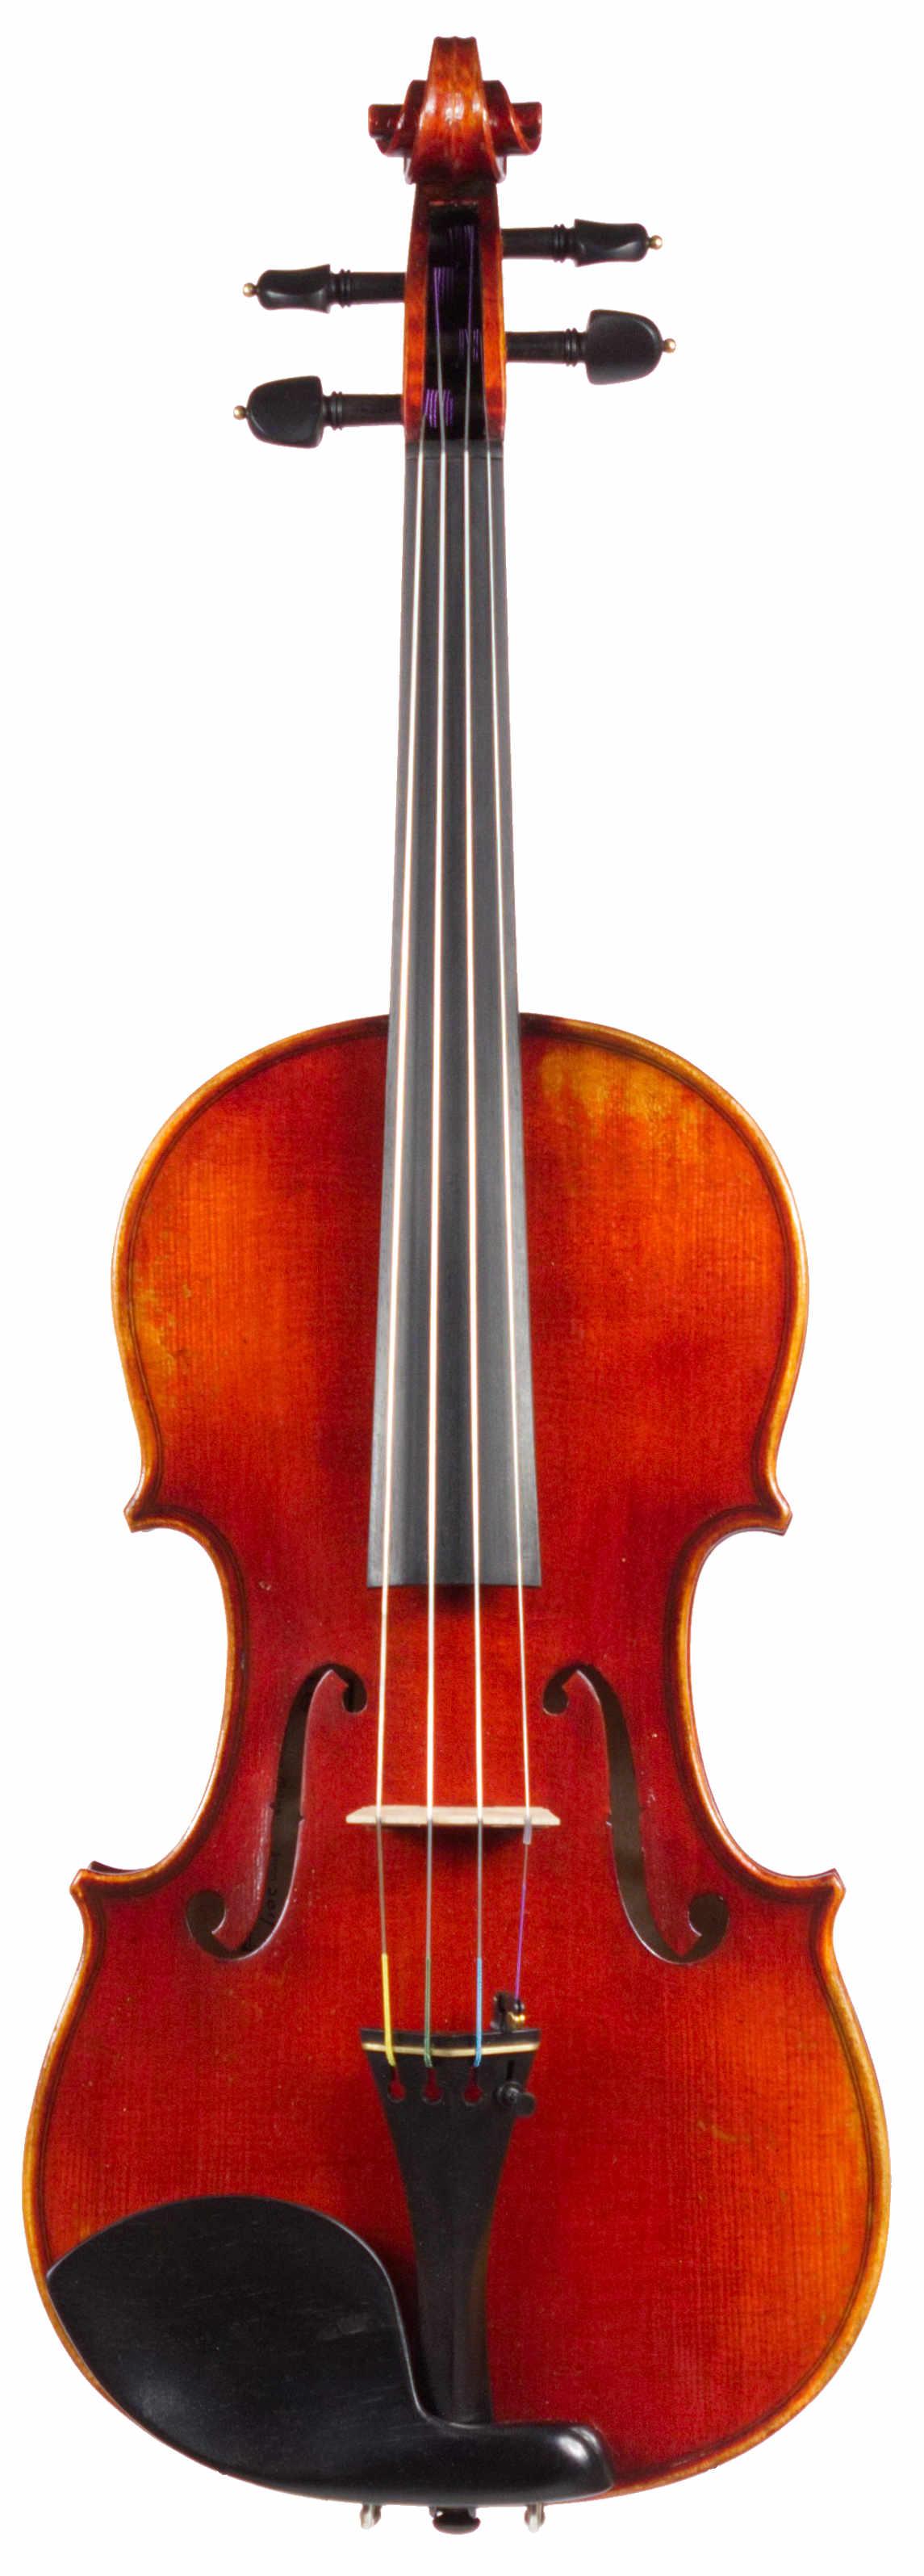 Eastman Lupot violin